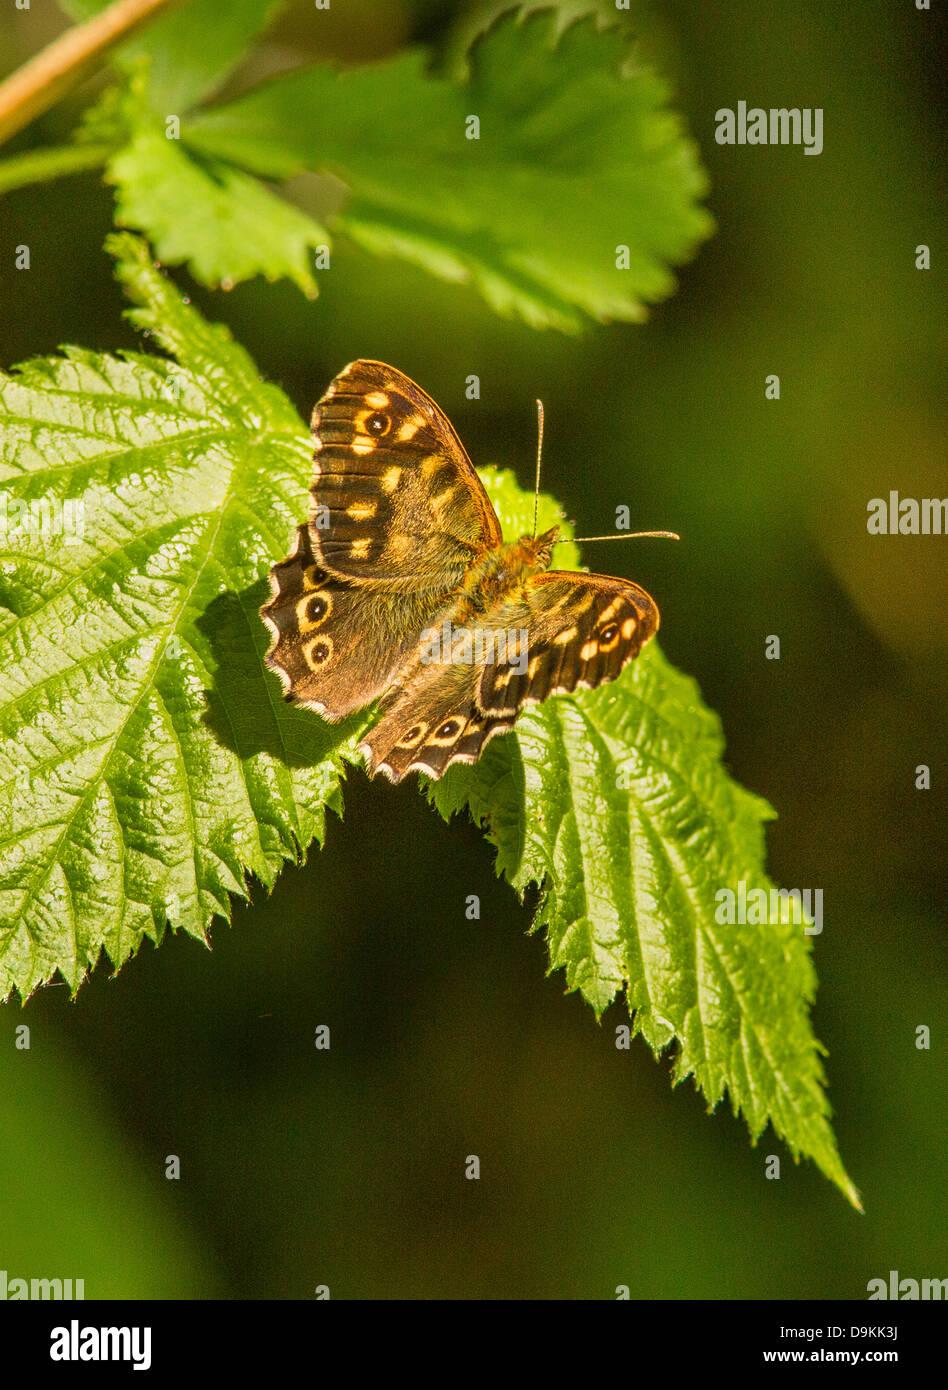 Chiazzato legno butterfly Pararge aegeria su Rovo foglie Immagini Stock